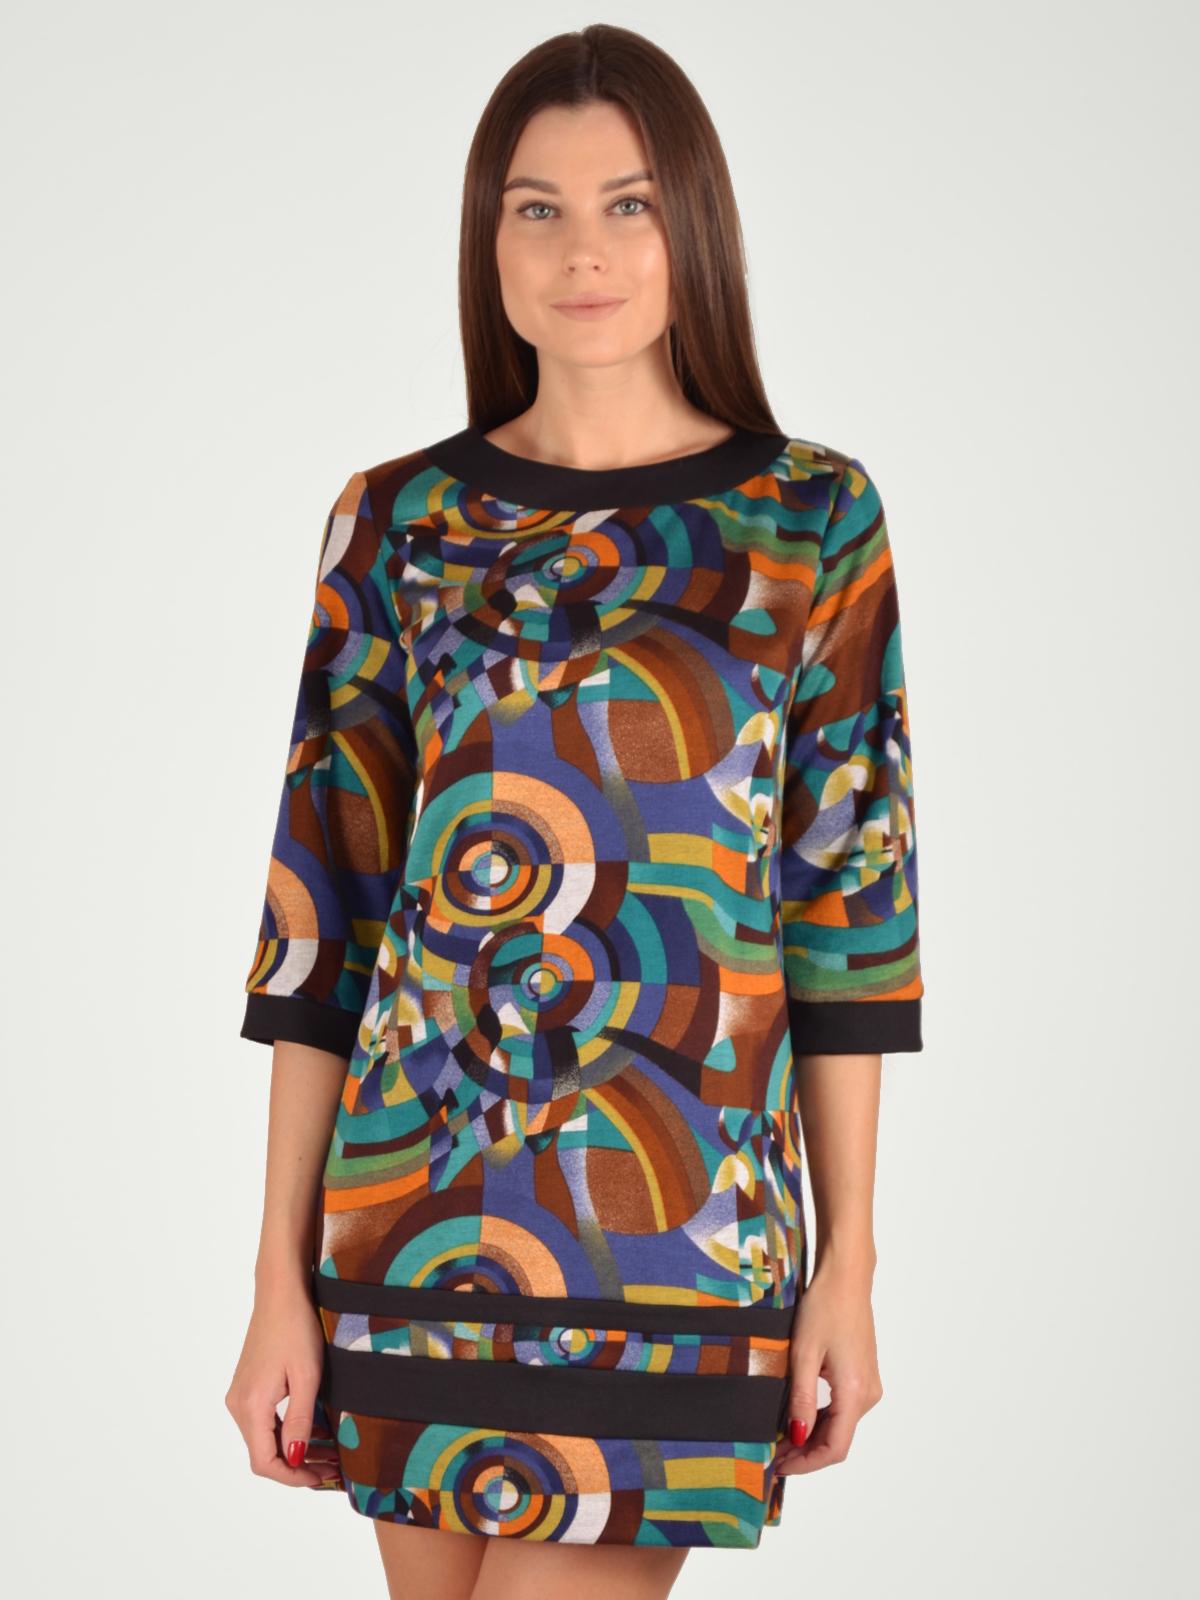 Купить Платье женское из текстиля, МОСМЕХА, коричневый, 5100231